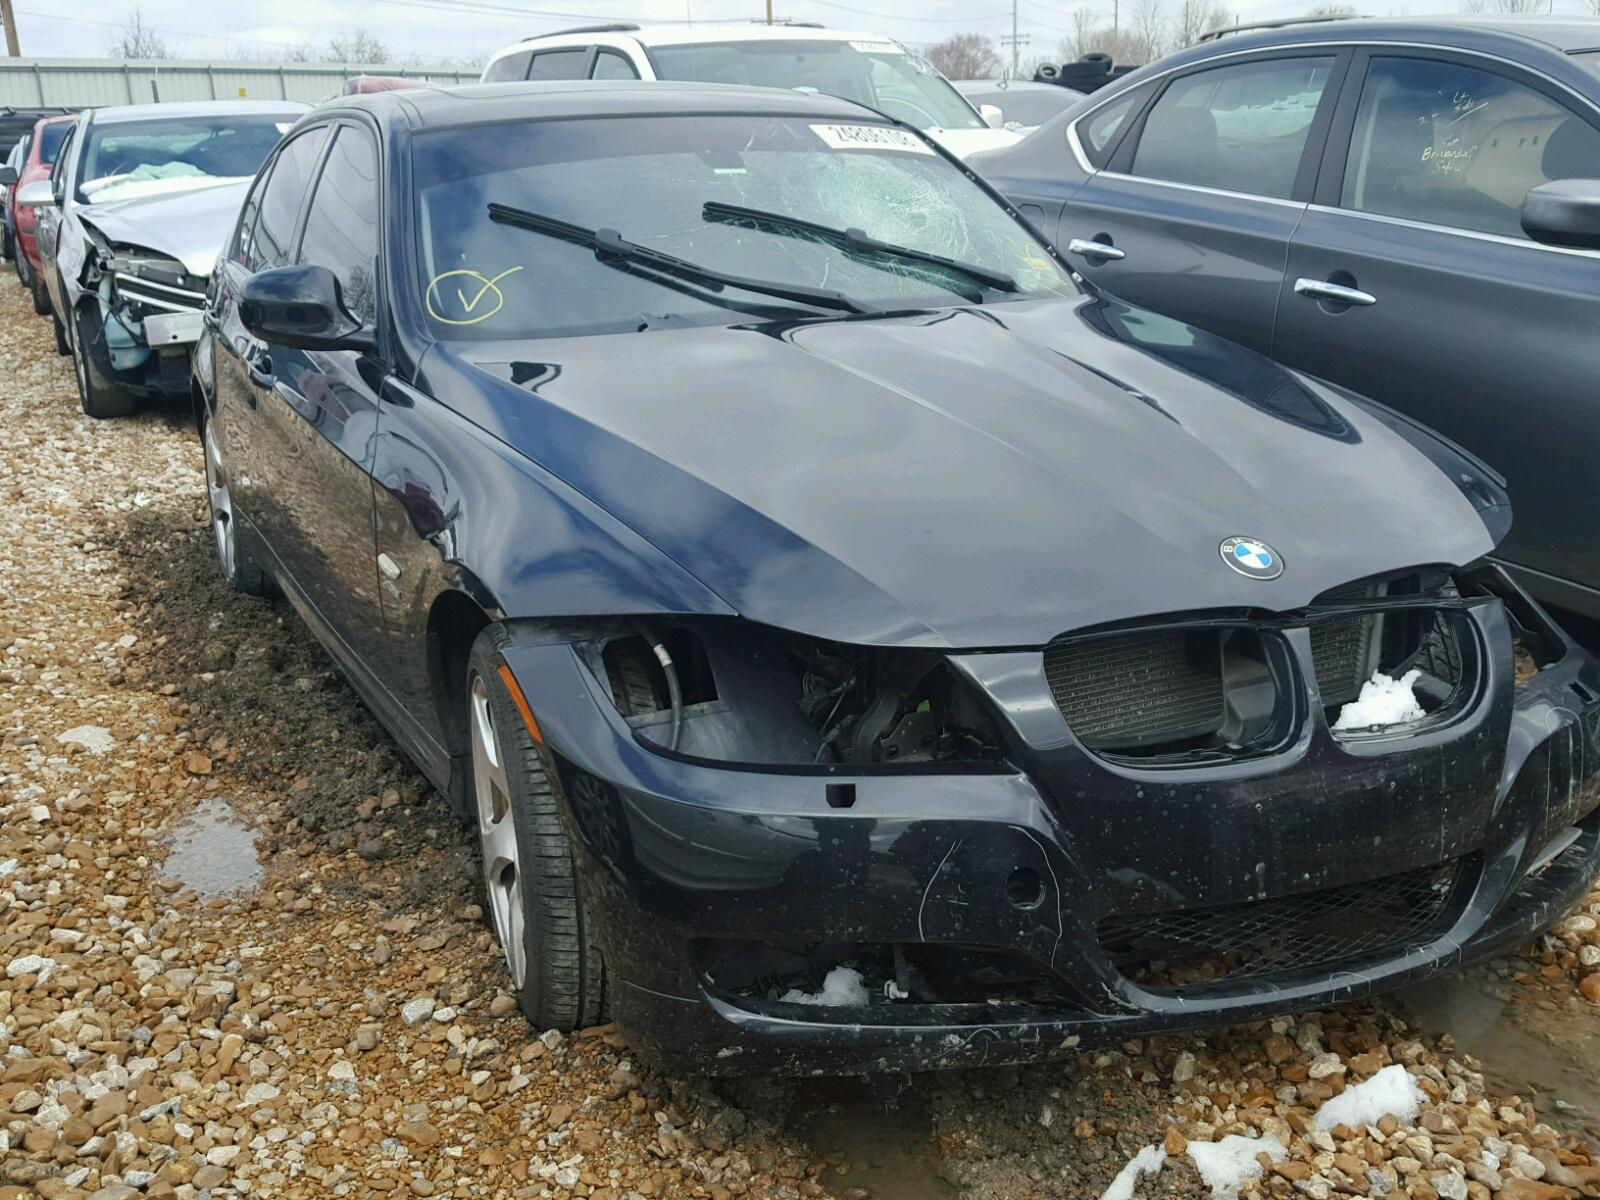 bimmers mini car inc us bmw r in for sale louis mo dealer saint st bumper